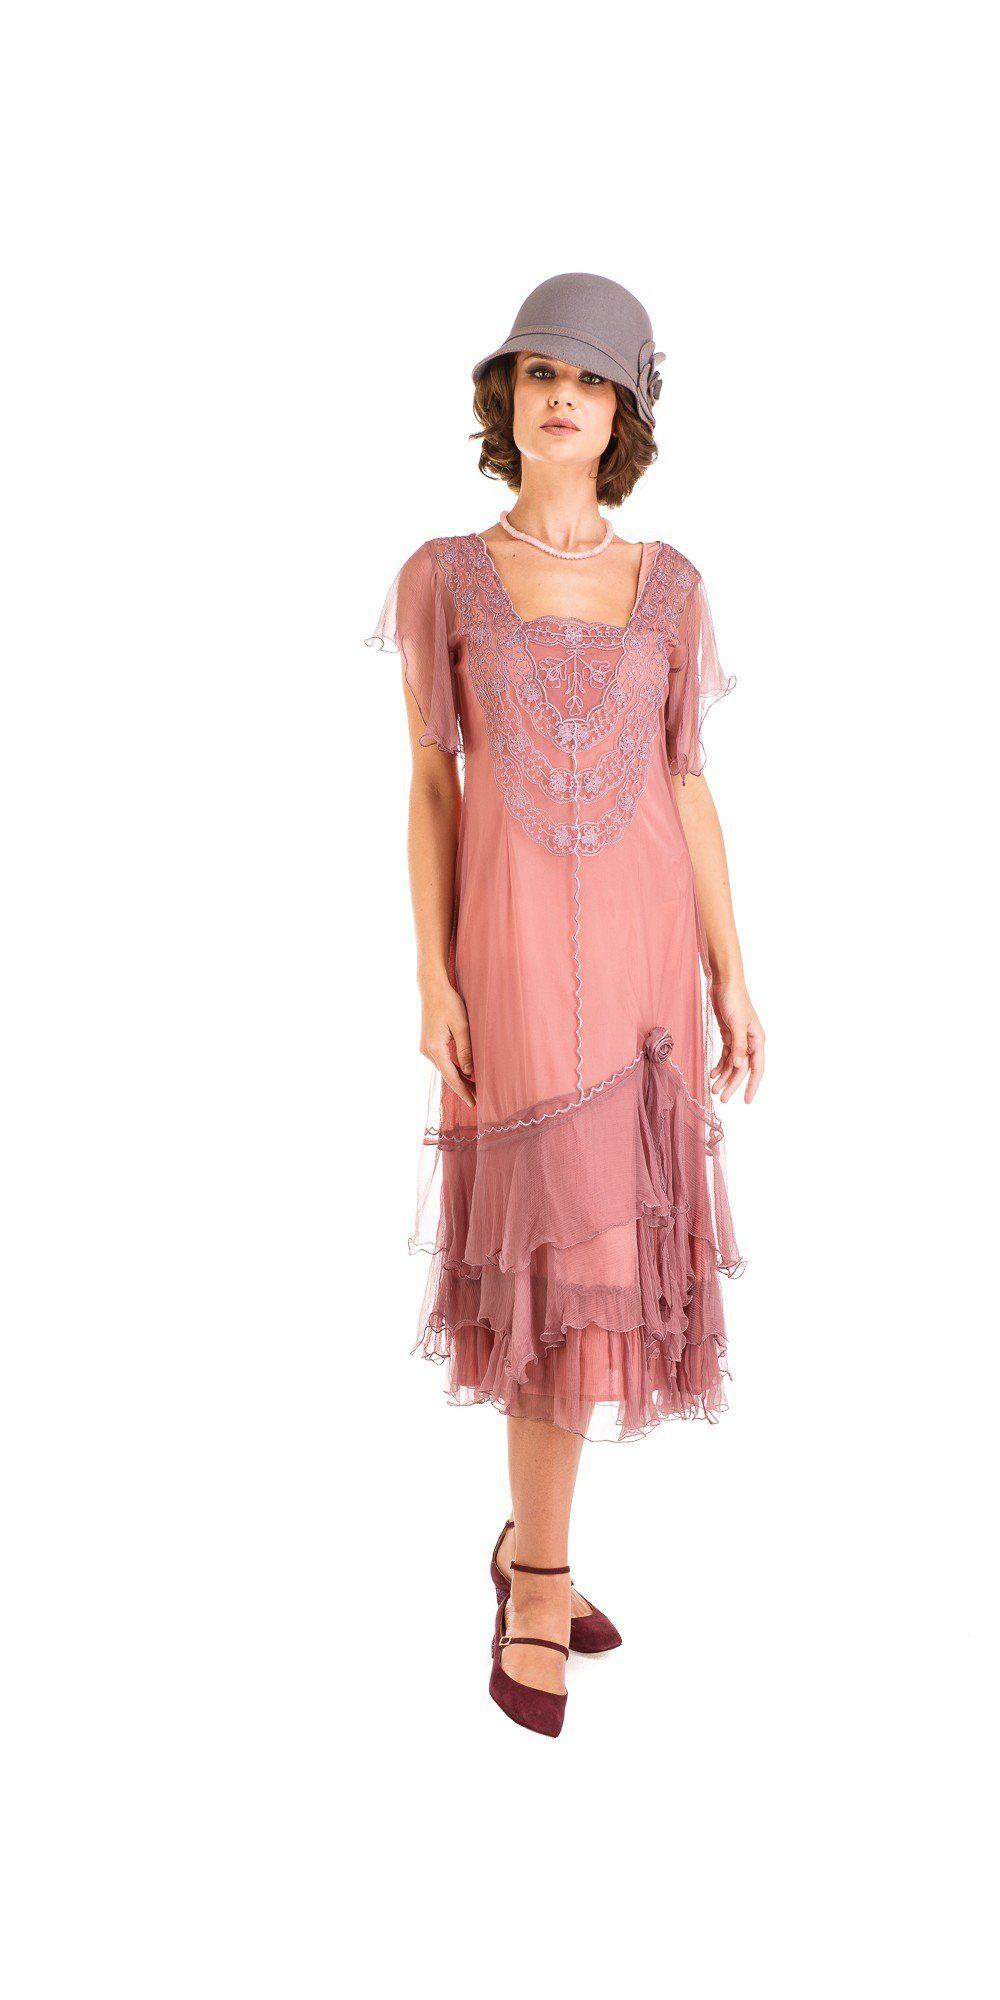 Encantador Encubrimientos Del Vestido De Boda Festooning - Colección ...